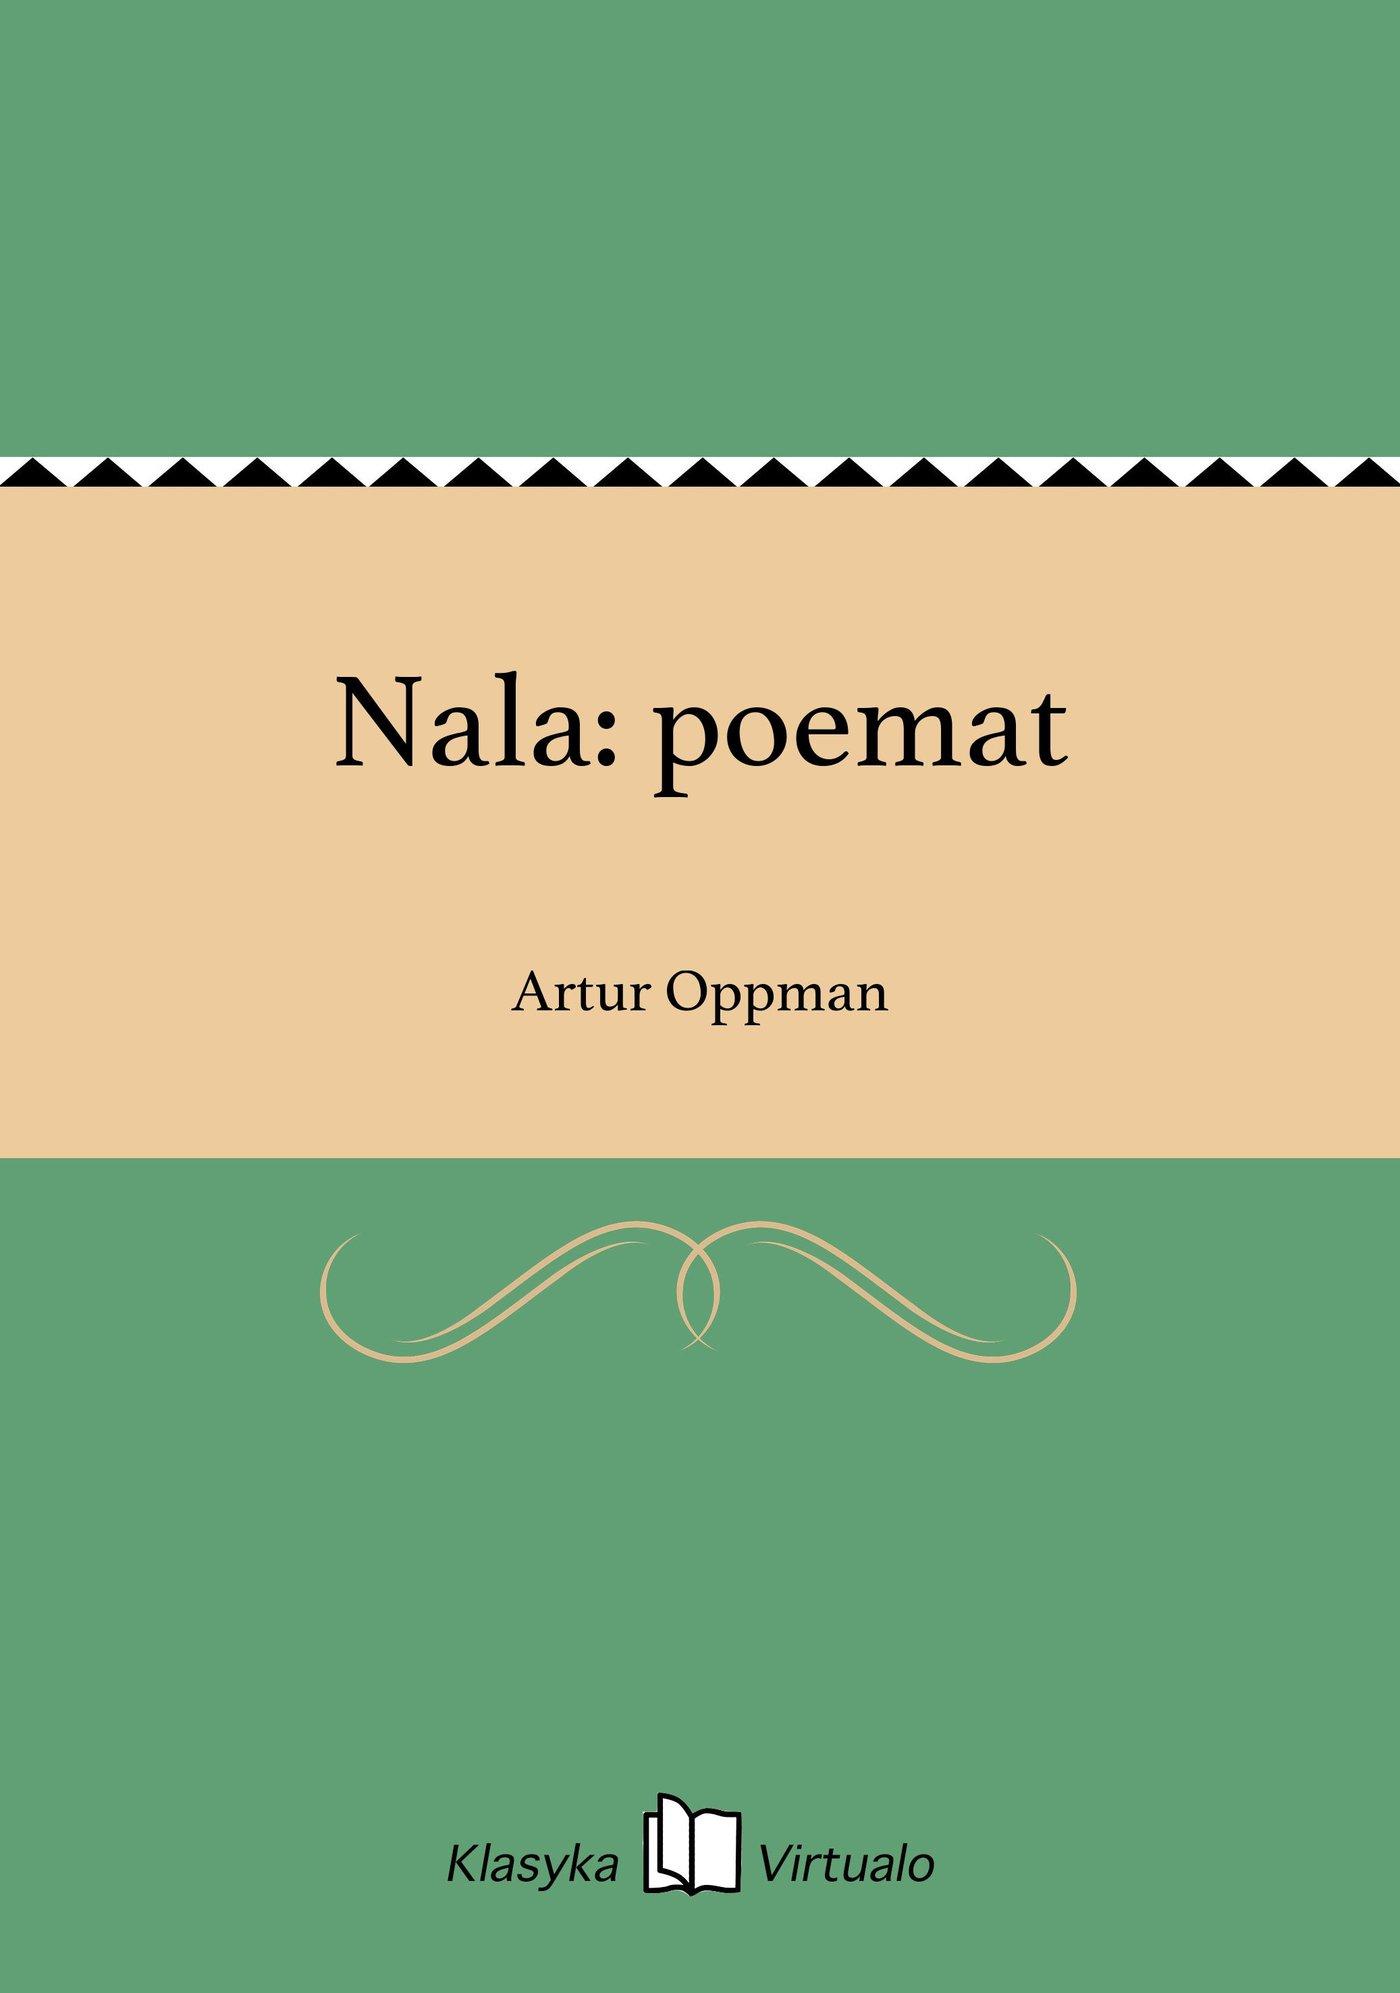 Nala: poemat - Ebook (Książka EPUB) do pobrania w formacie EPUB